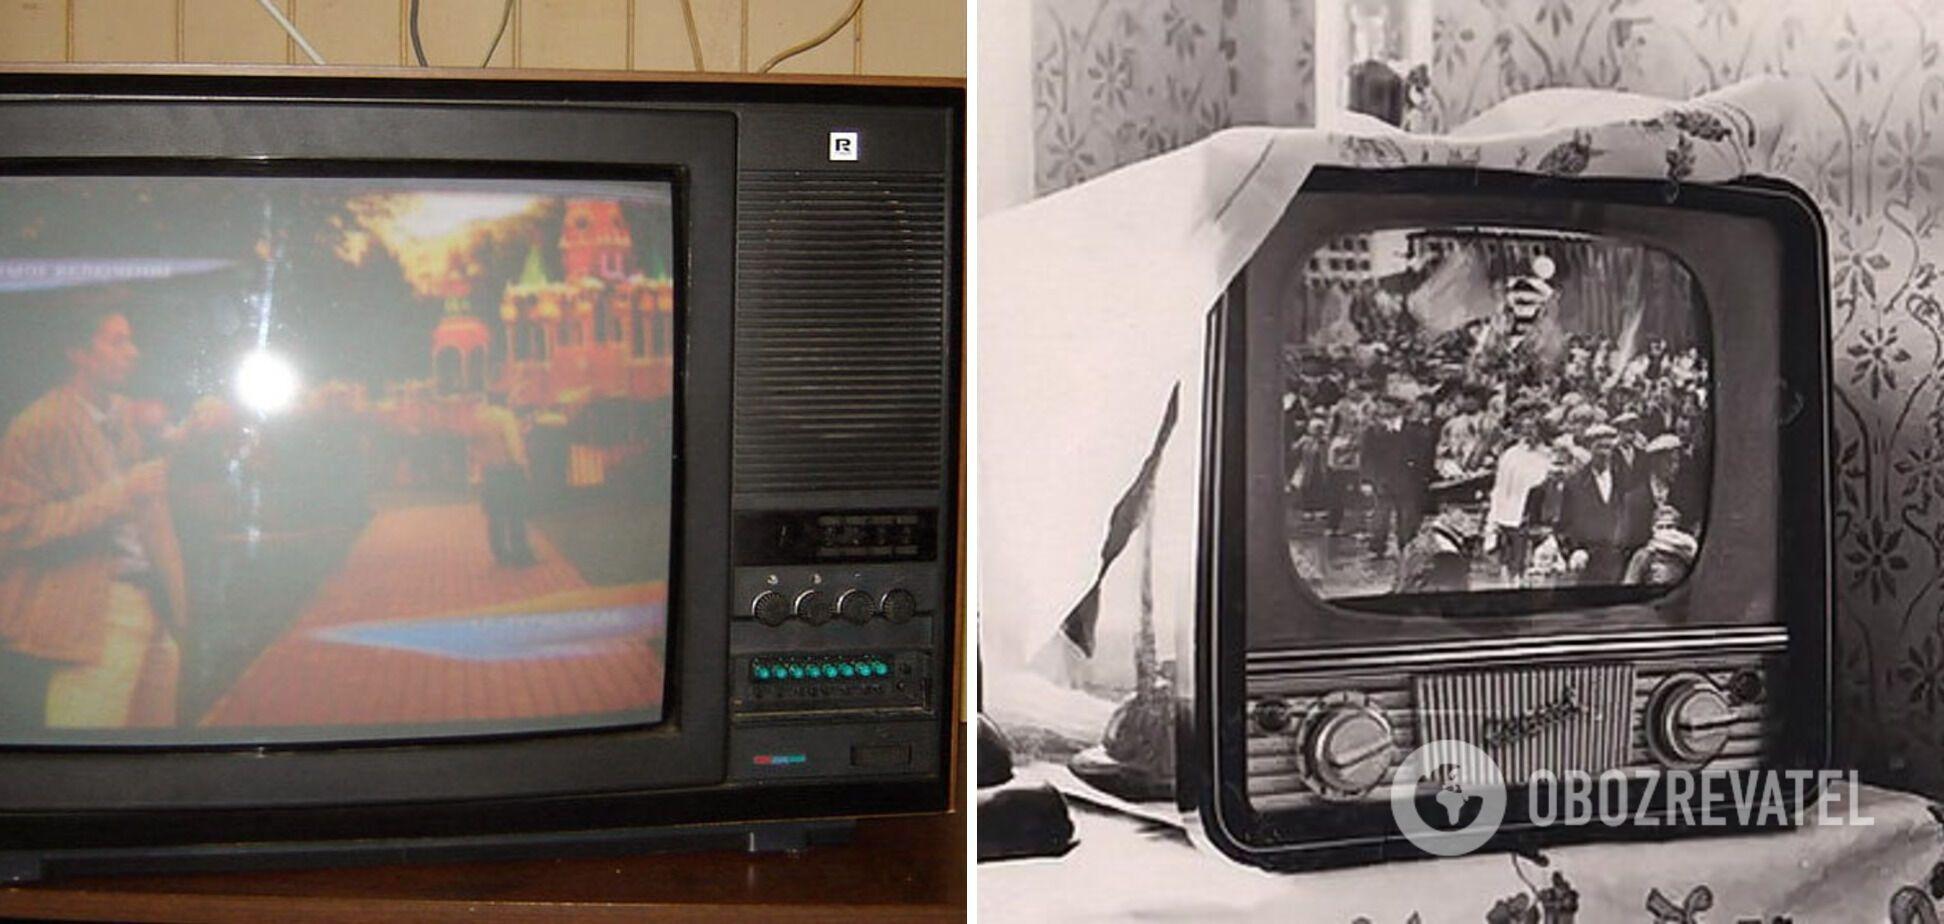 Коллекционеры собирают раритетные телевизоры времен СССР.